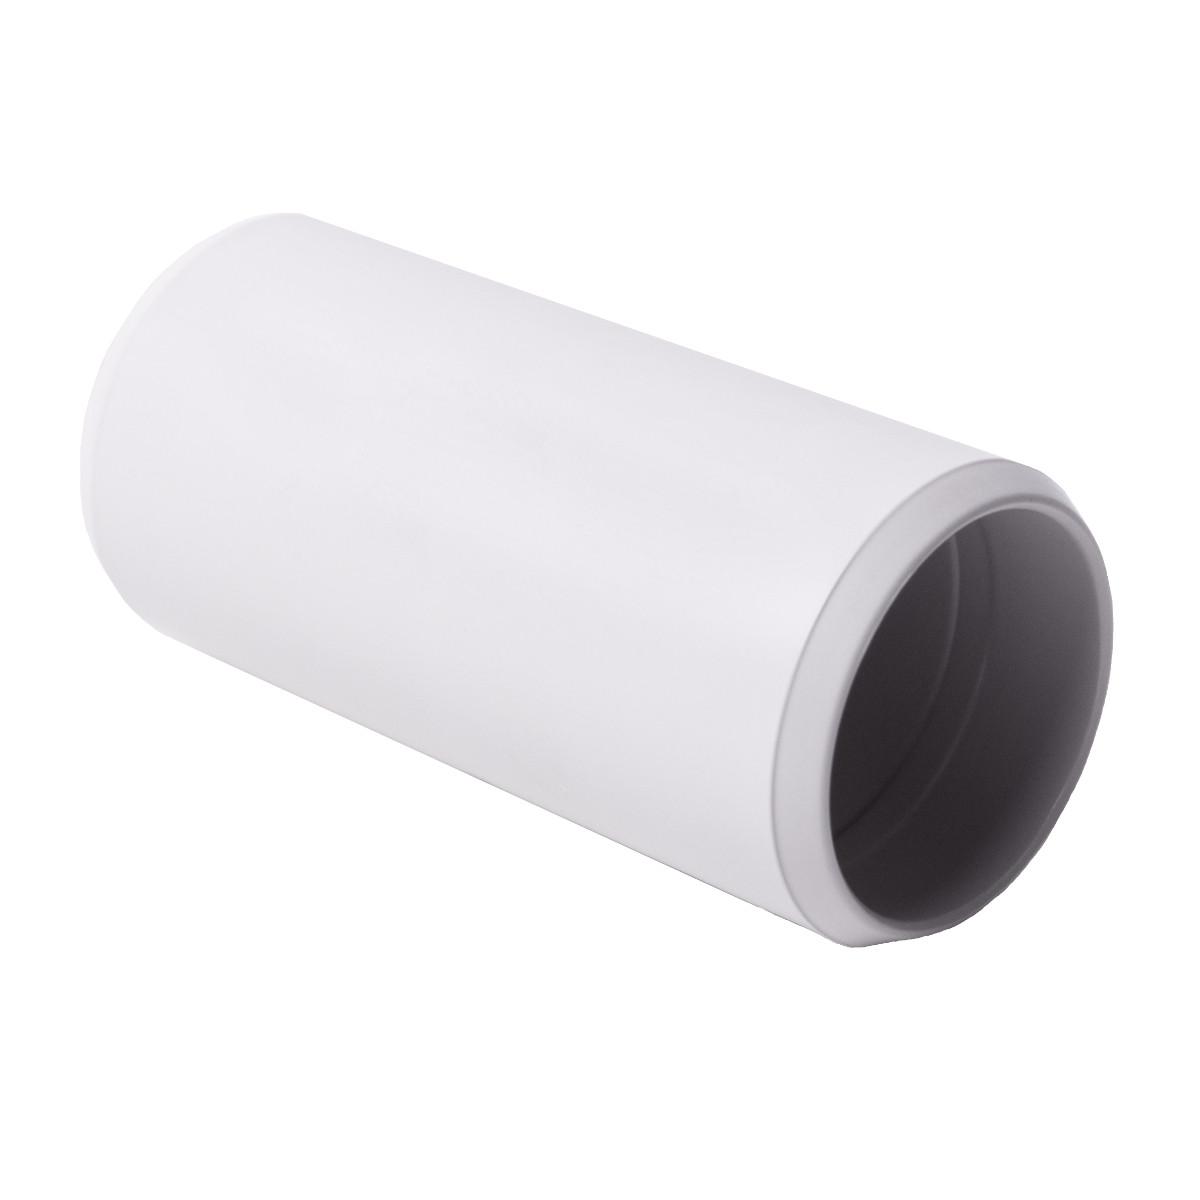 Муфта з'єднувальна для труби 40 мм ; Ø40мм; полікарбонат; безгалогенна; t застосування -45-90 °с; світло-сіра; Упаковка 10 шт